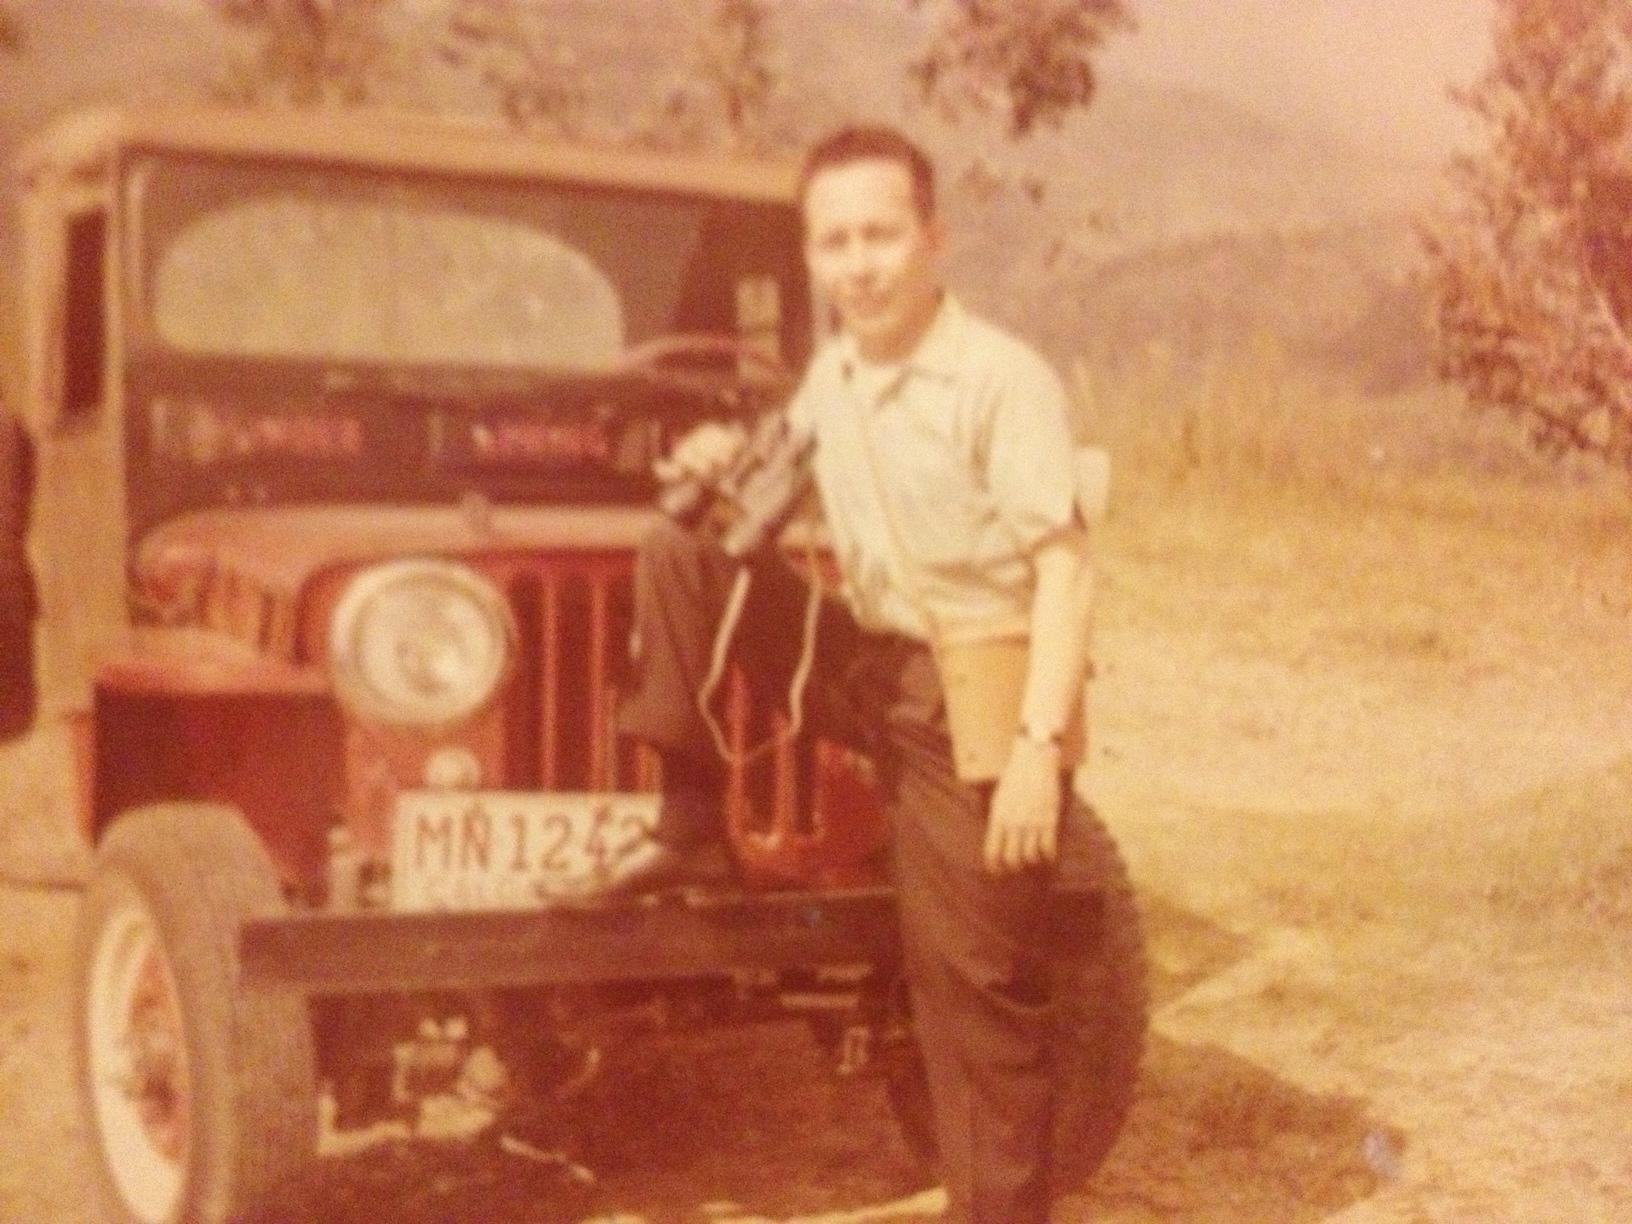 Circa 1950 Colombia